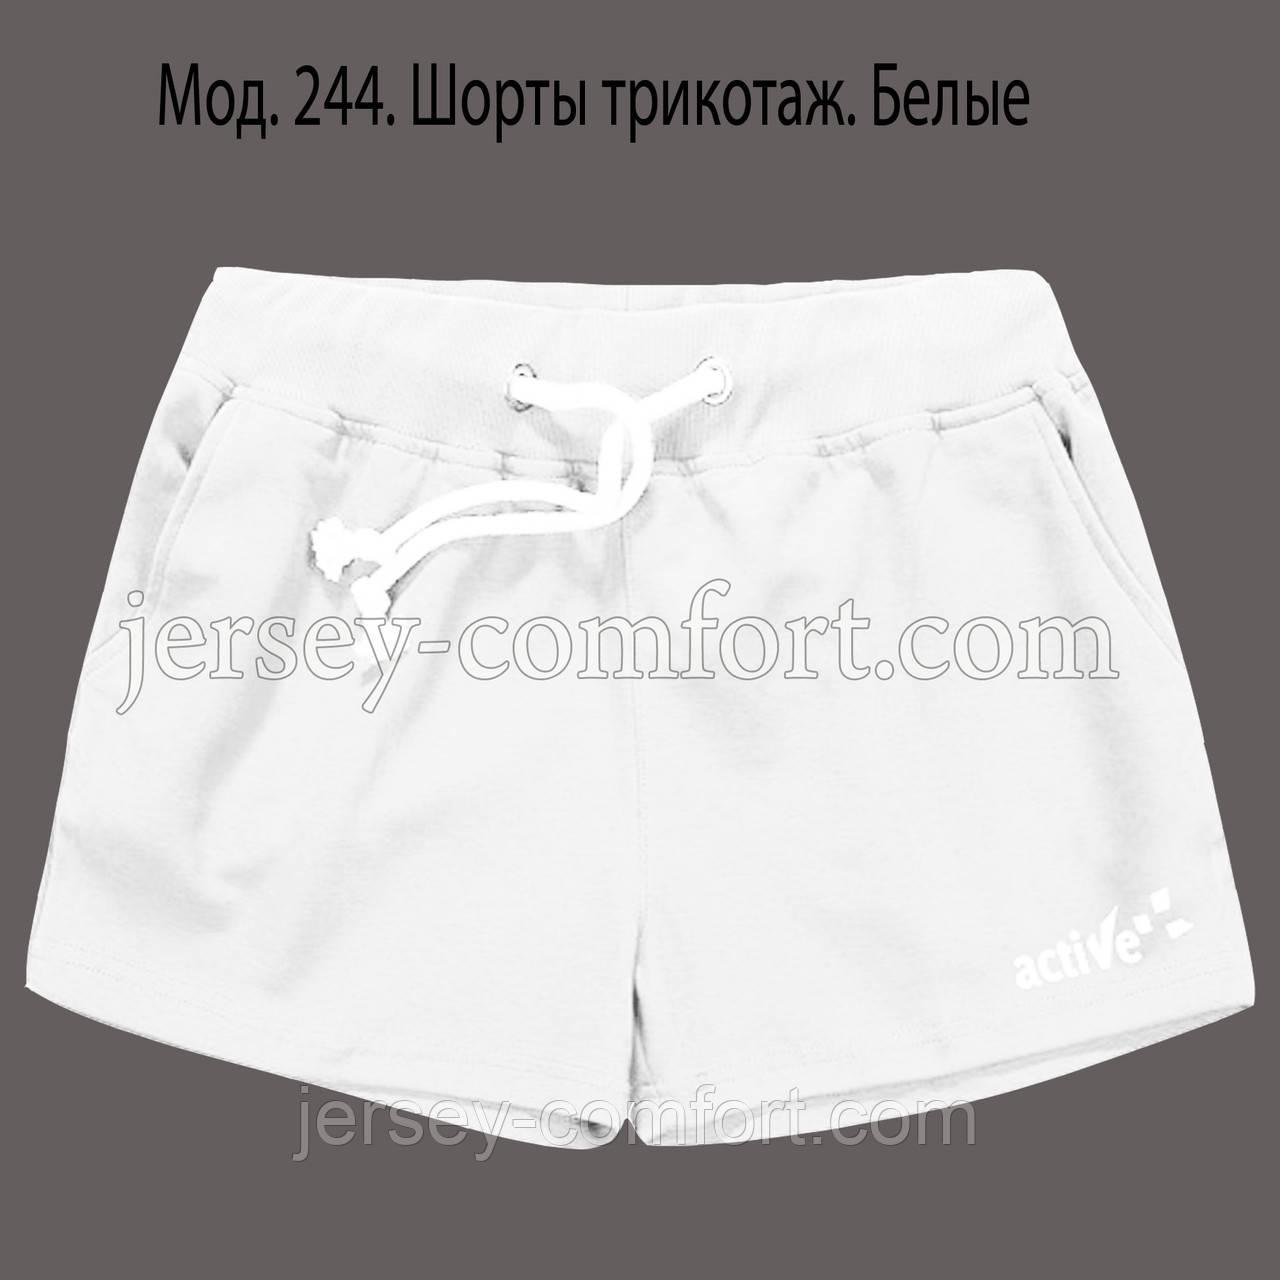 Шорты женские трикотажные , белые.Мод. 244.